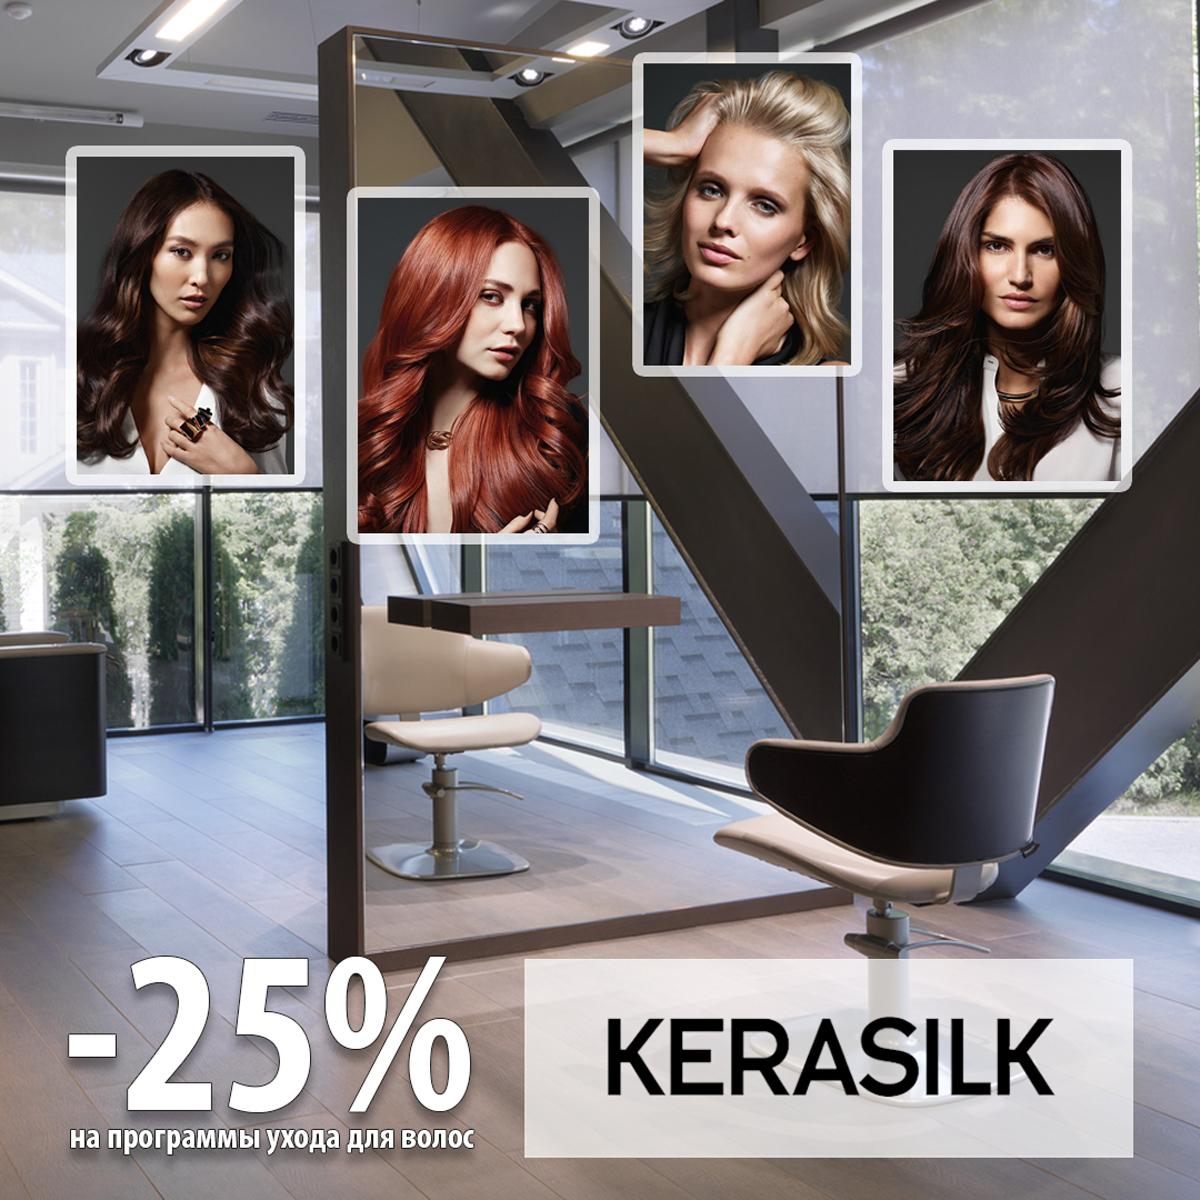 Уходы для волос Kerasilk